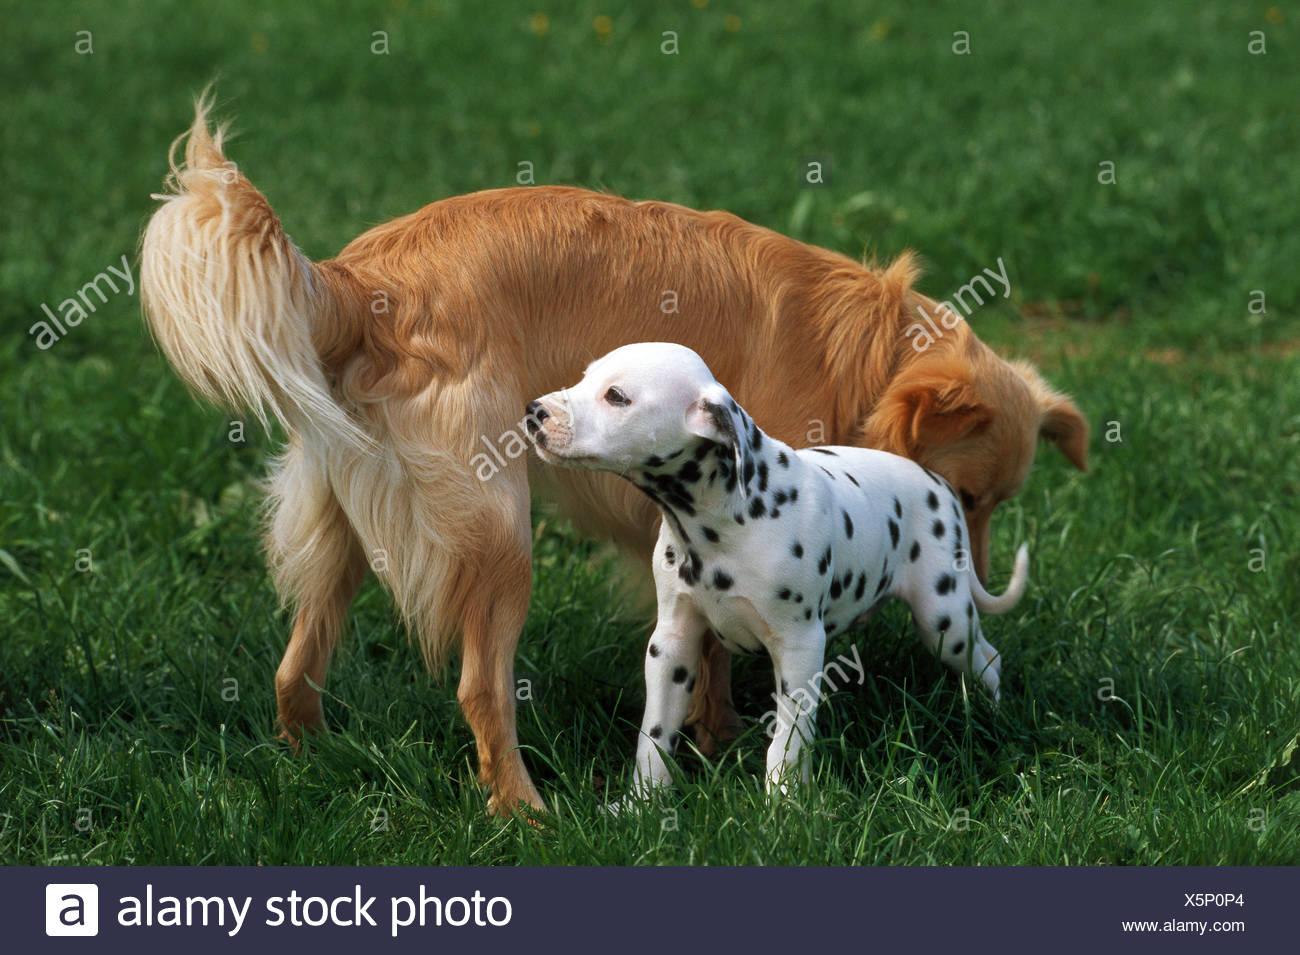 Dalmatian Mongrel Imágenes De Stock & Dalmatian Mongrel Fotos De ...